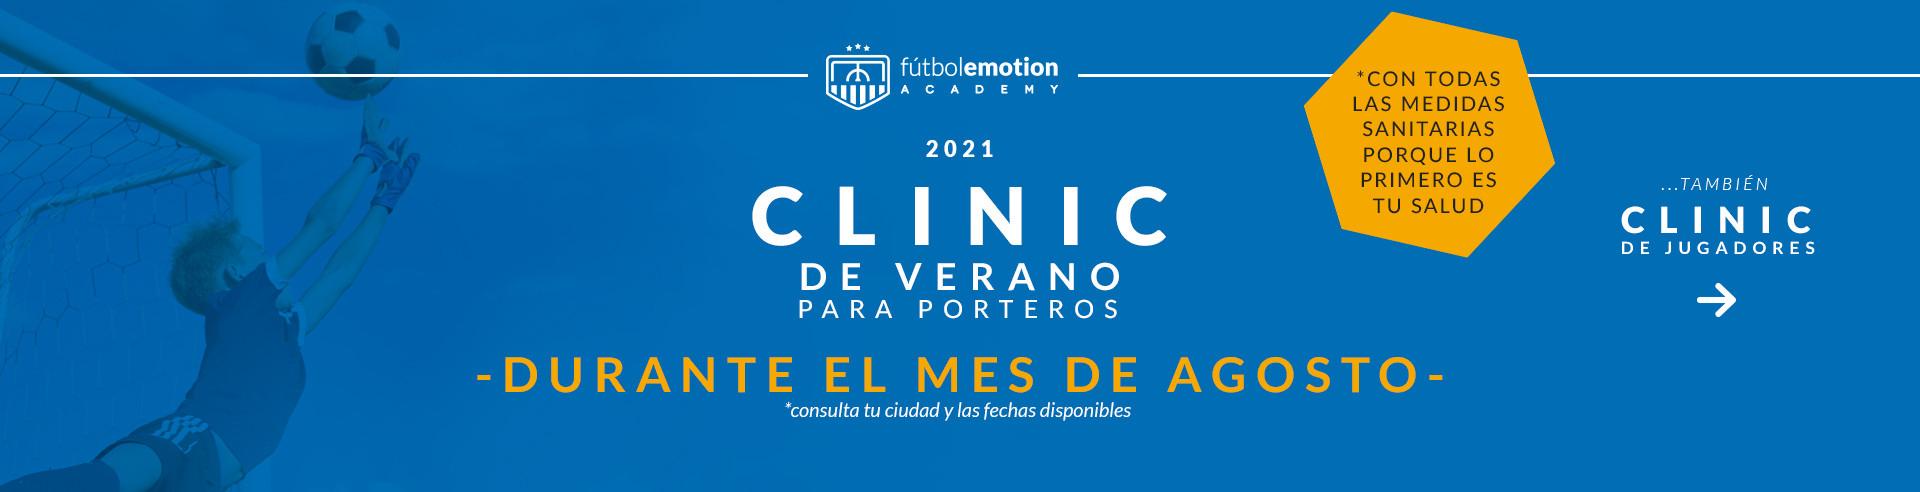 Clinic porteros verano 2021